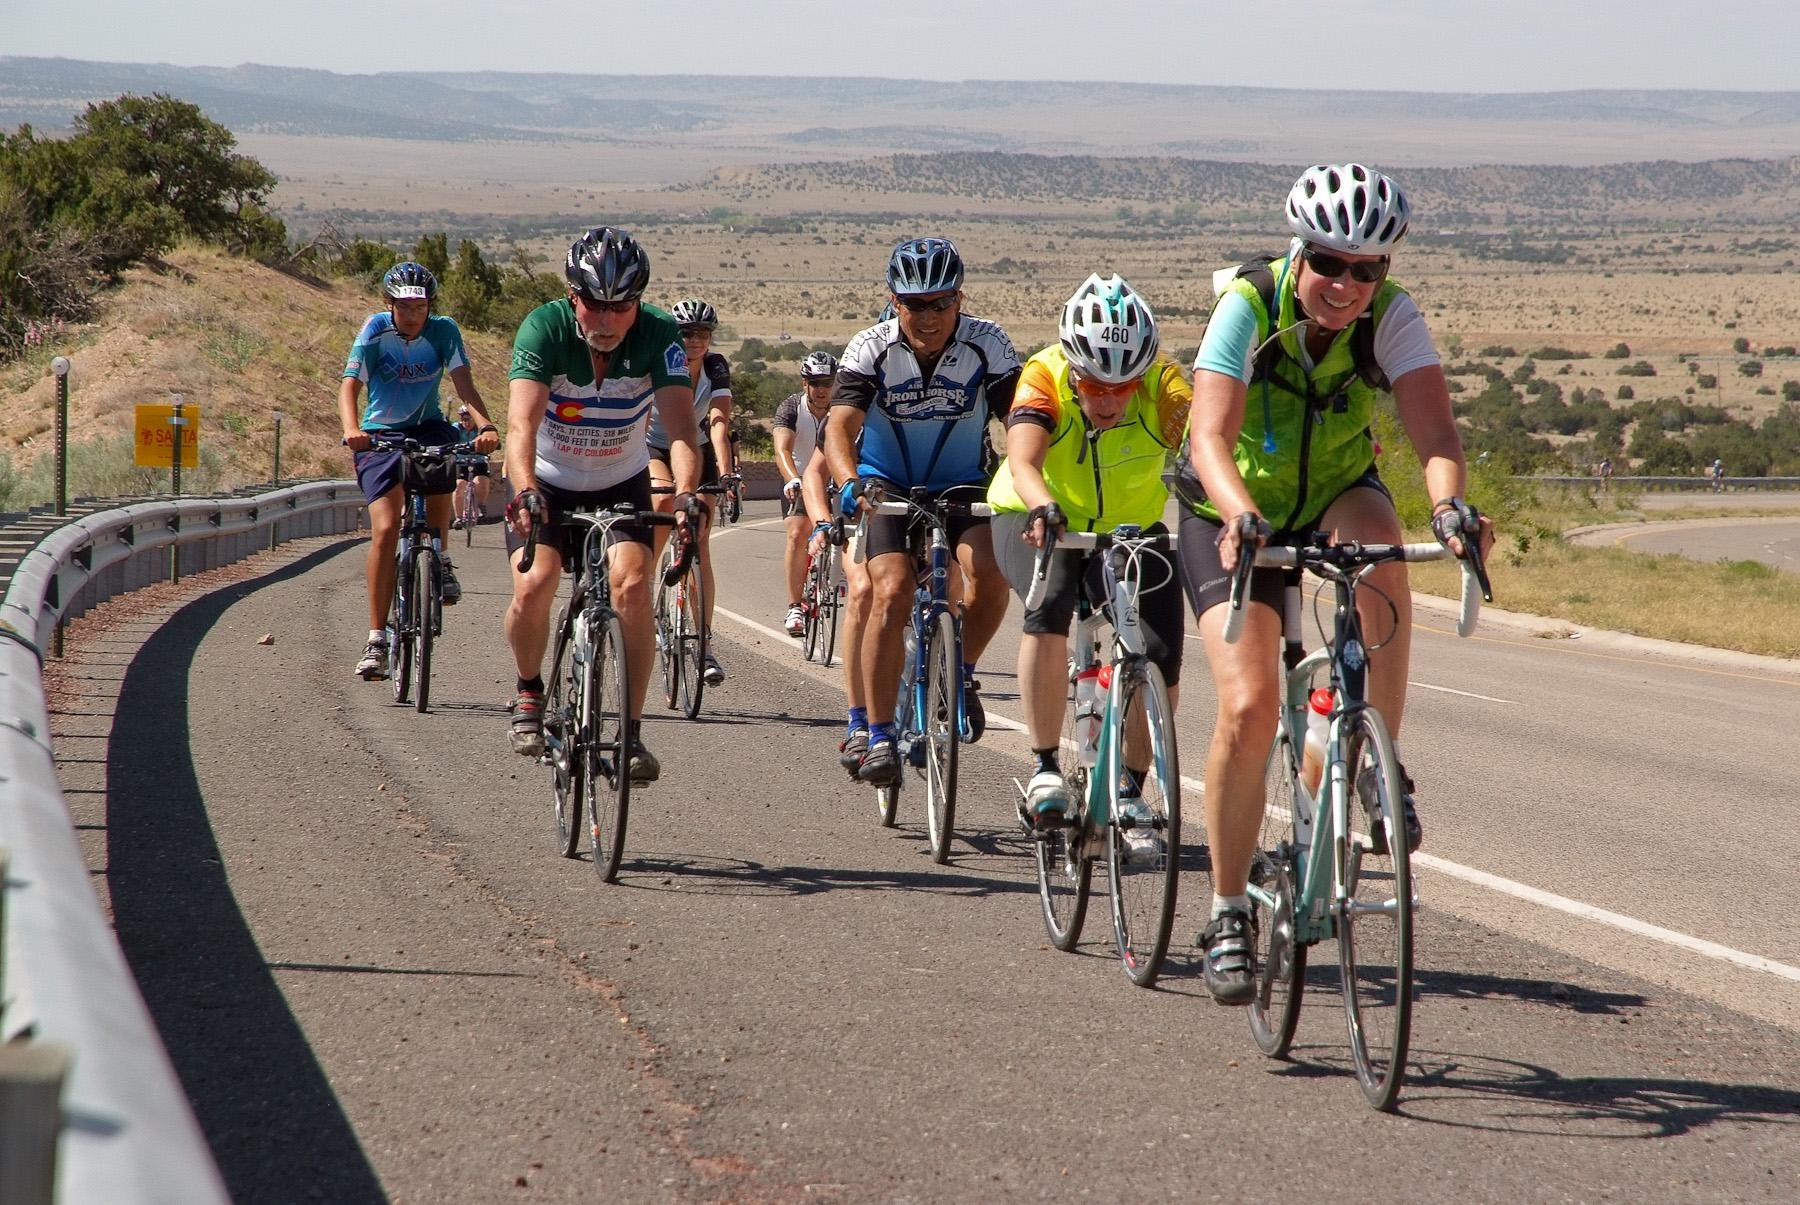 Photo courtesy Santa Fe Century Ride